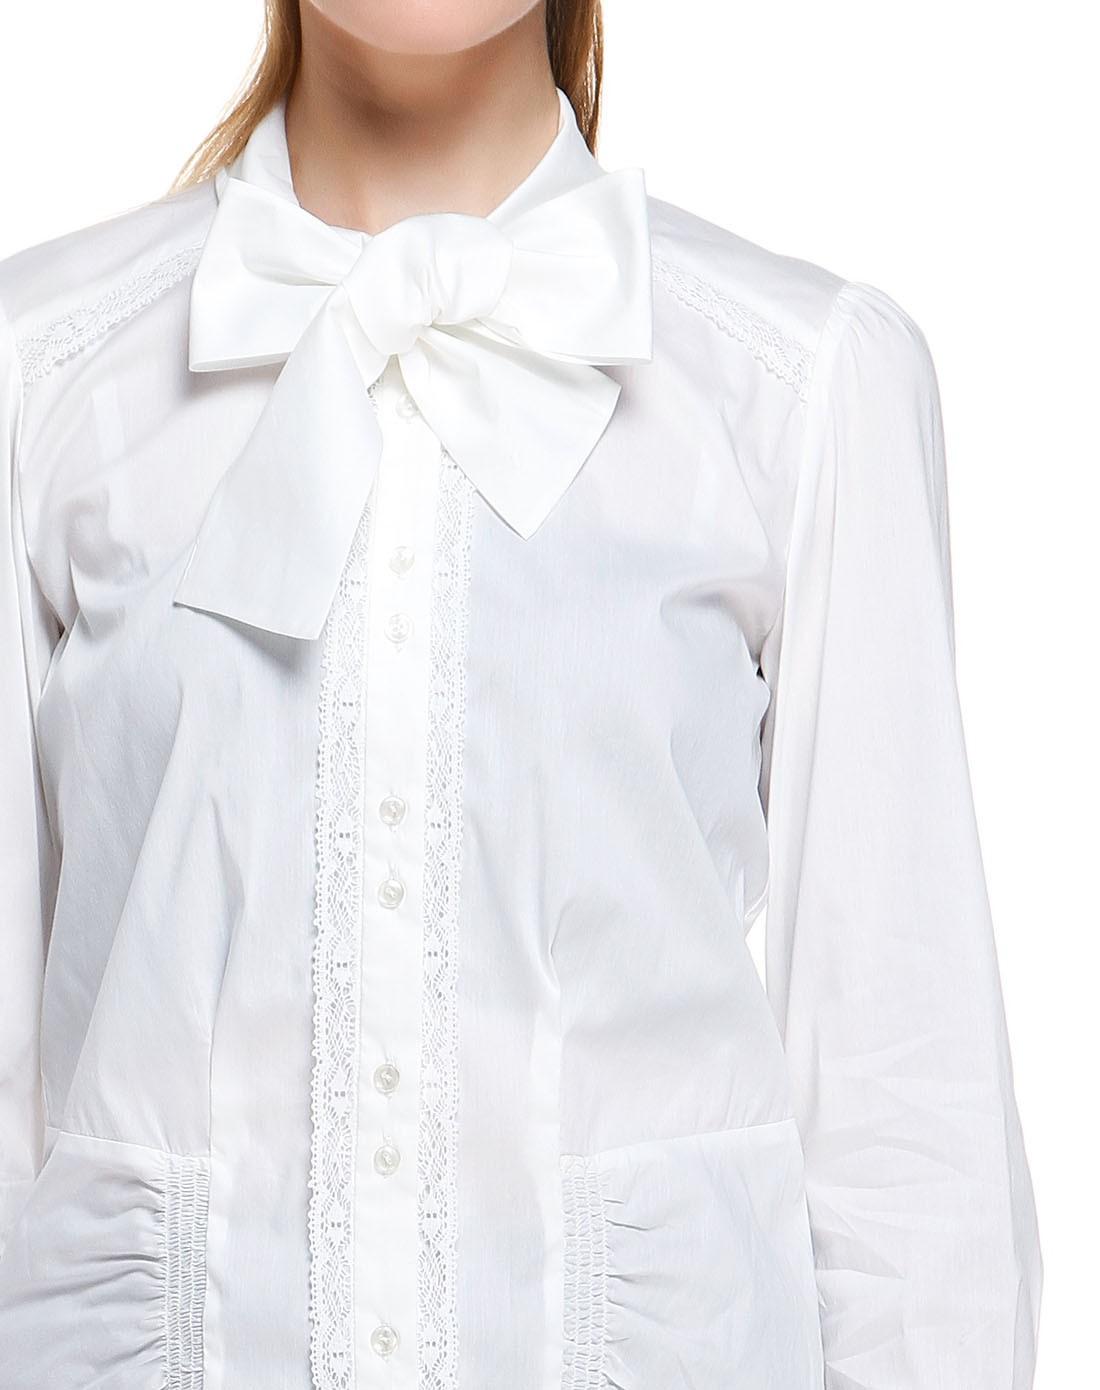 女性白色拼花边短款衬衫